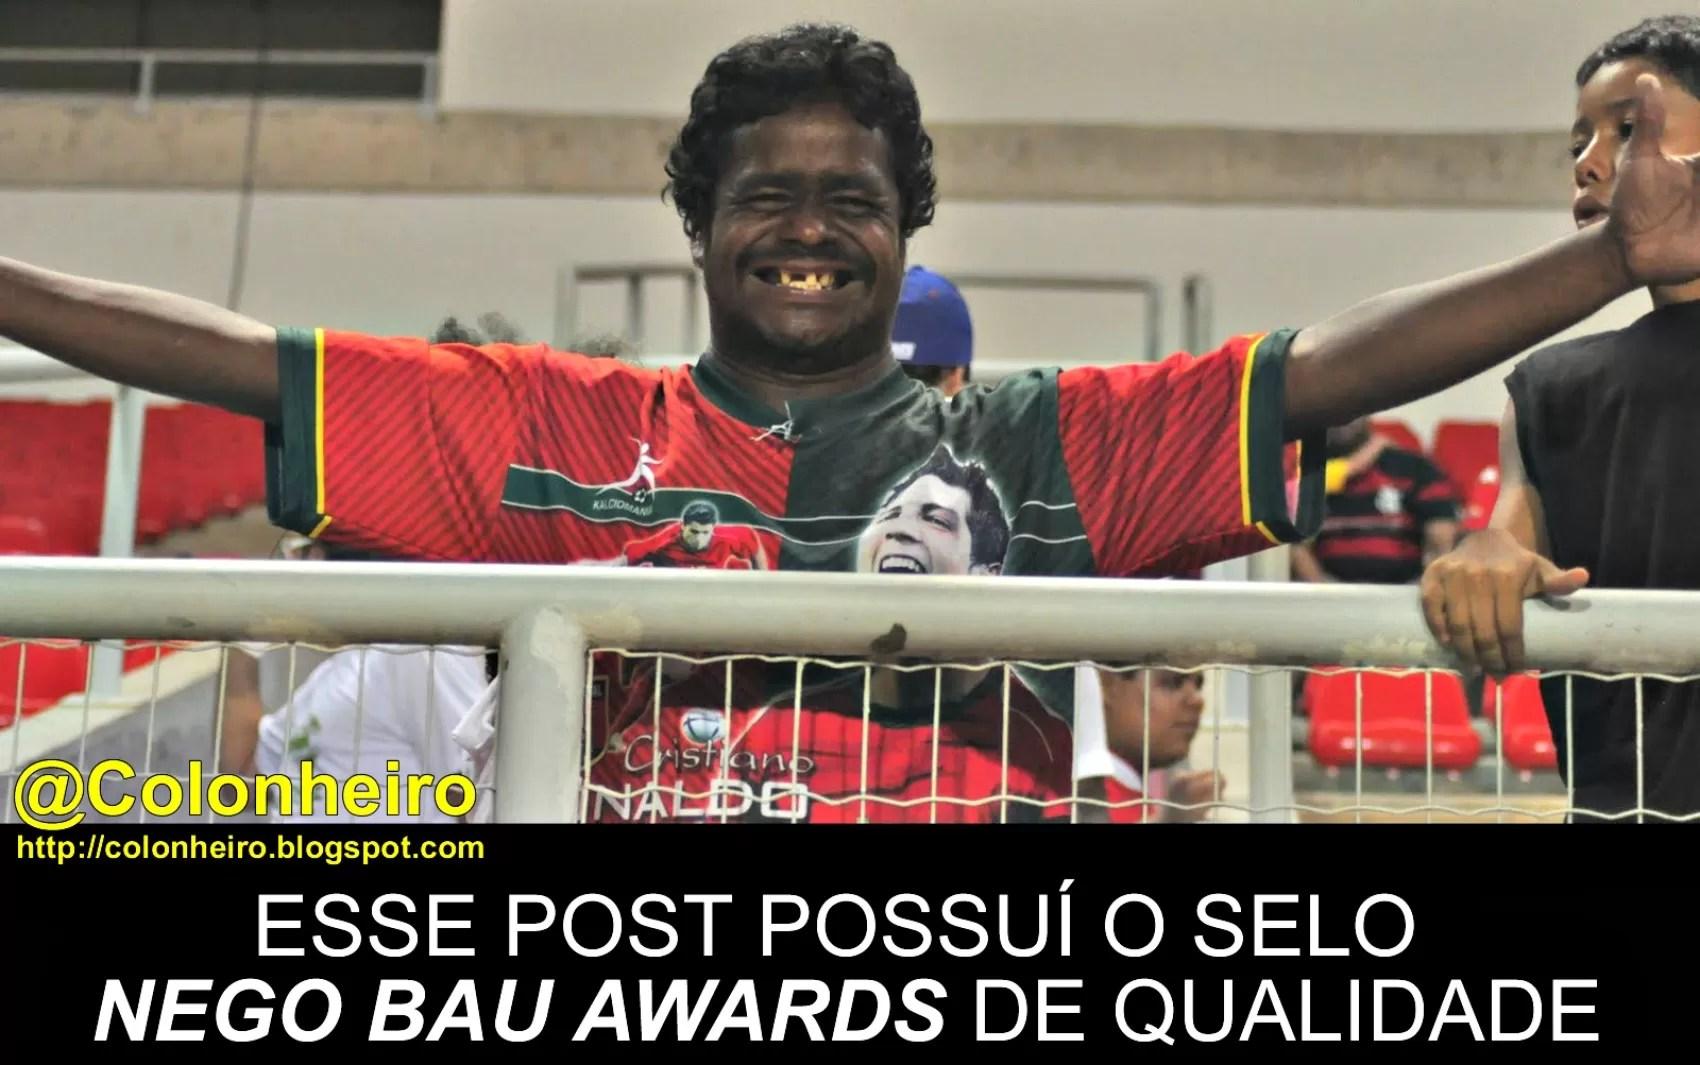 Nêgo Bau já virou meme em vários sistes de humor locais  (Foto: Divulgação)